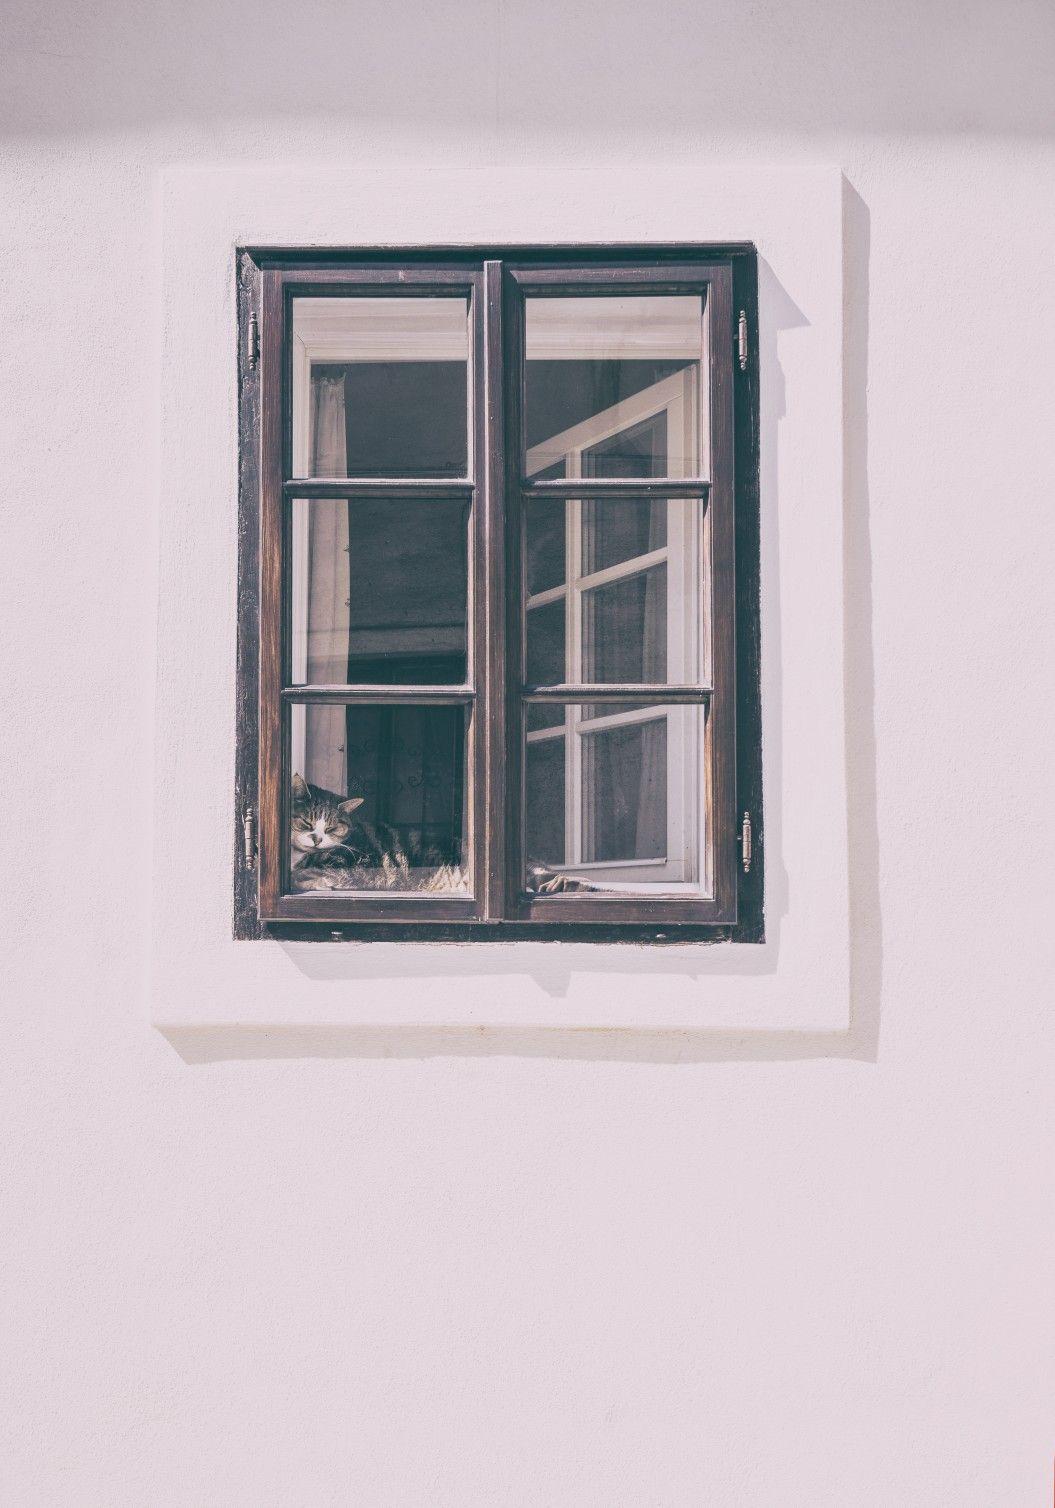 Full Size of Fenster Mit Sprossen Und Rollladen Anthrazit Landhausstil Innenliegend Preise Sind Beliebt Modern Glasteilende Felux Sofa Abnehmbaren Bezug Kosten Neue Folie Fenster Fenster Mit Sprossen